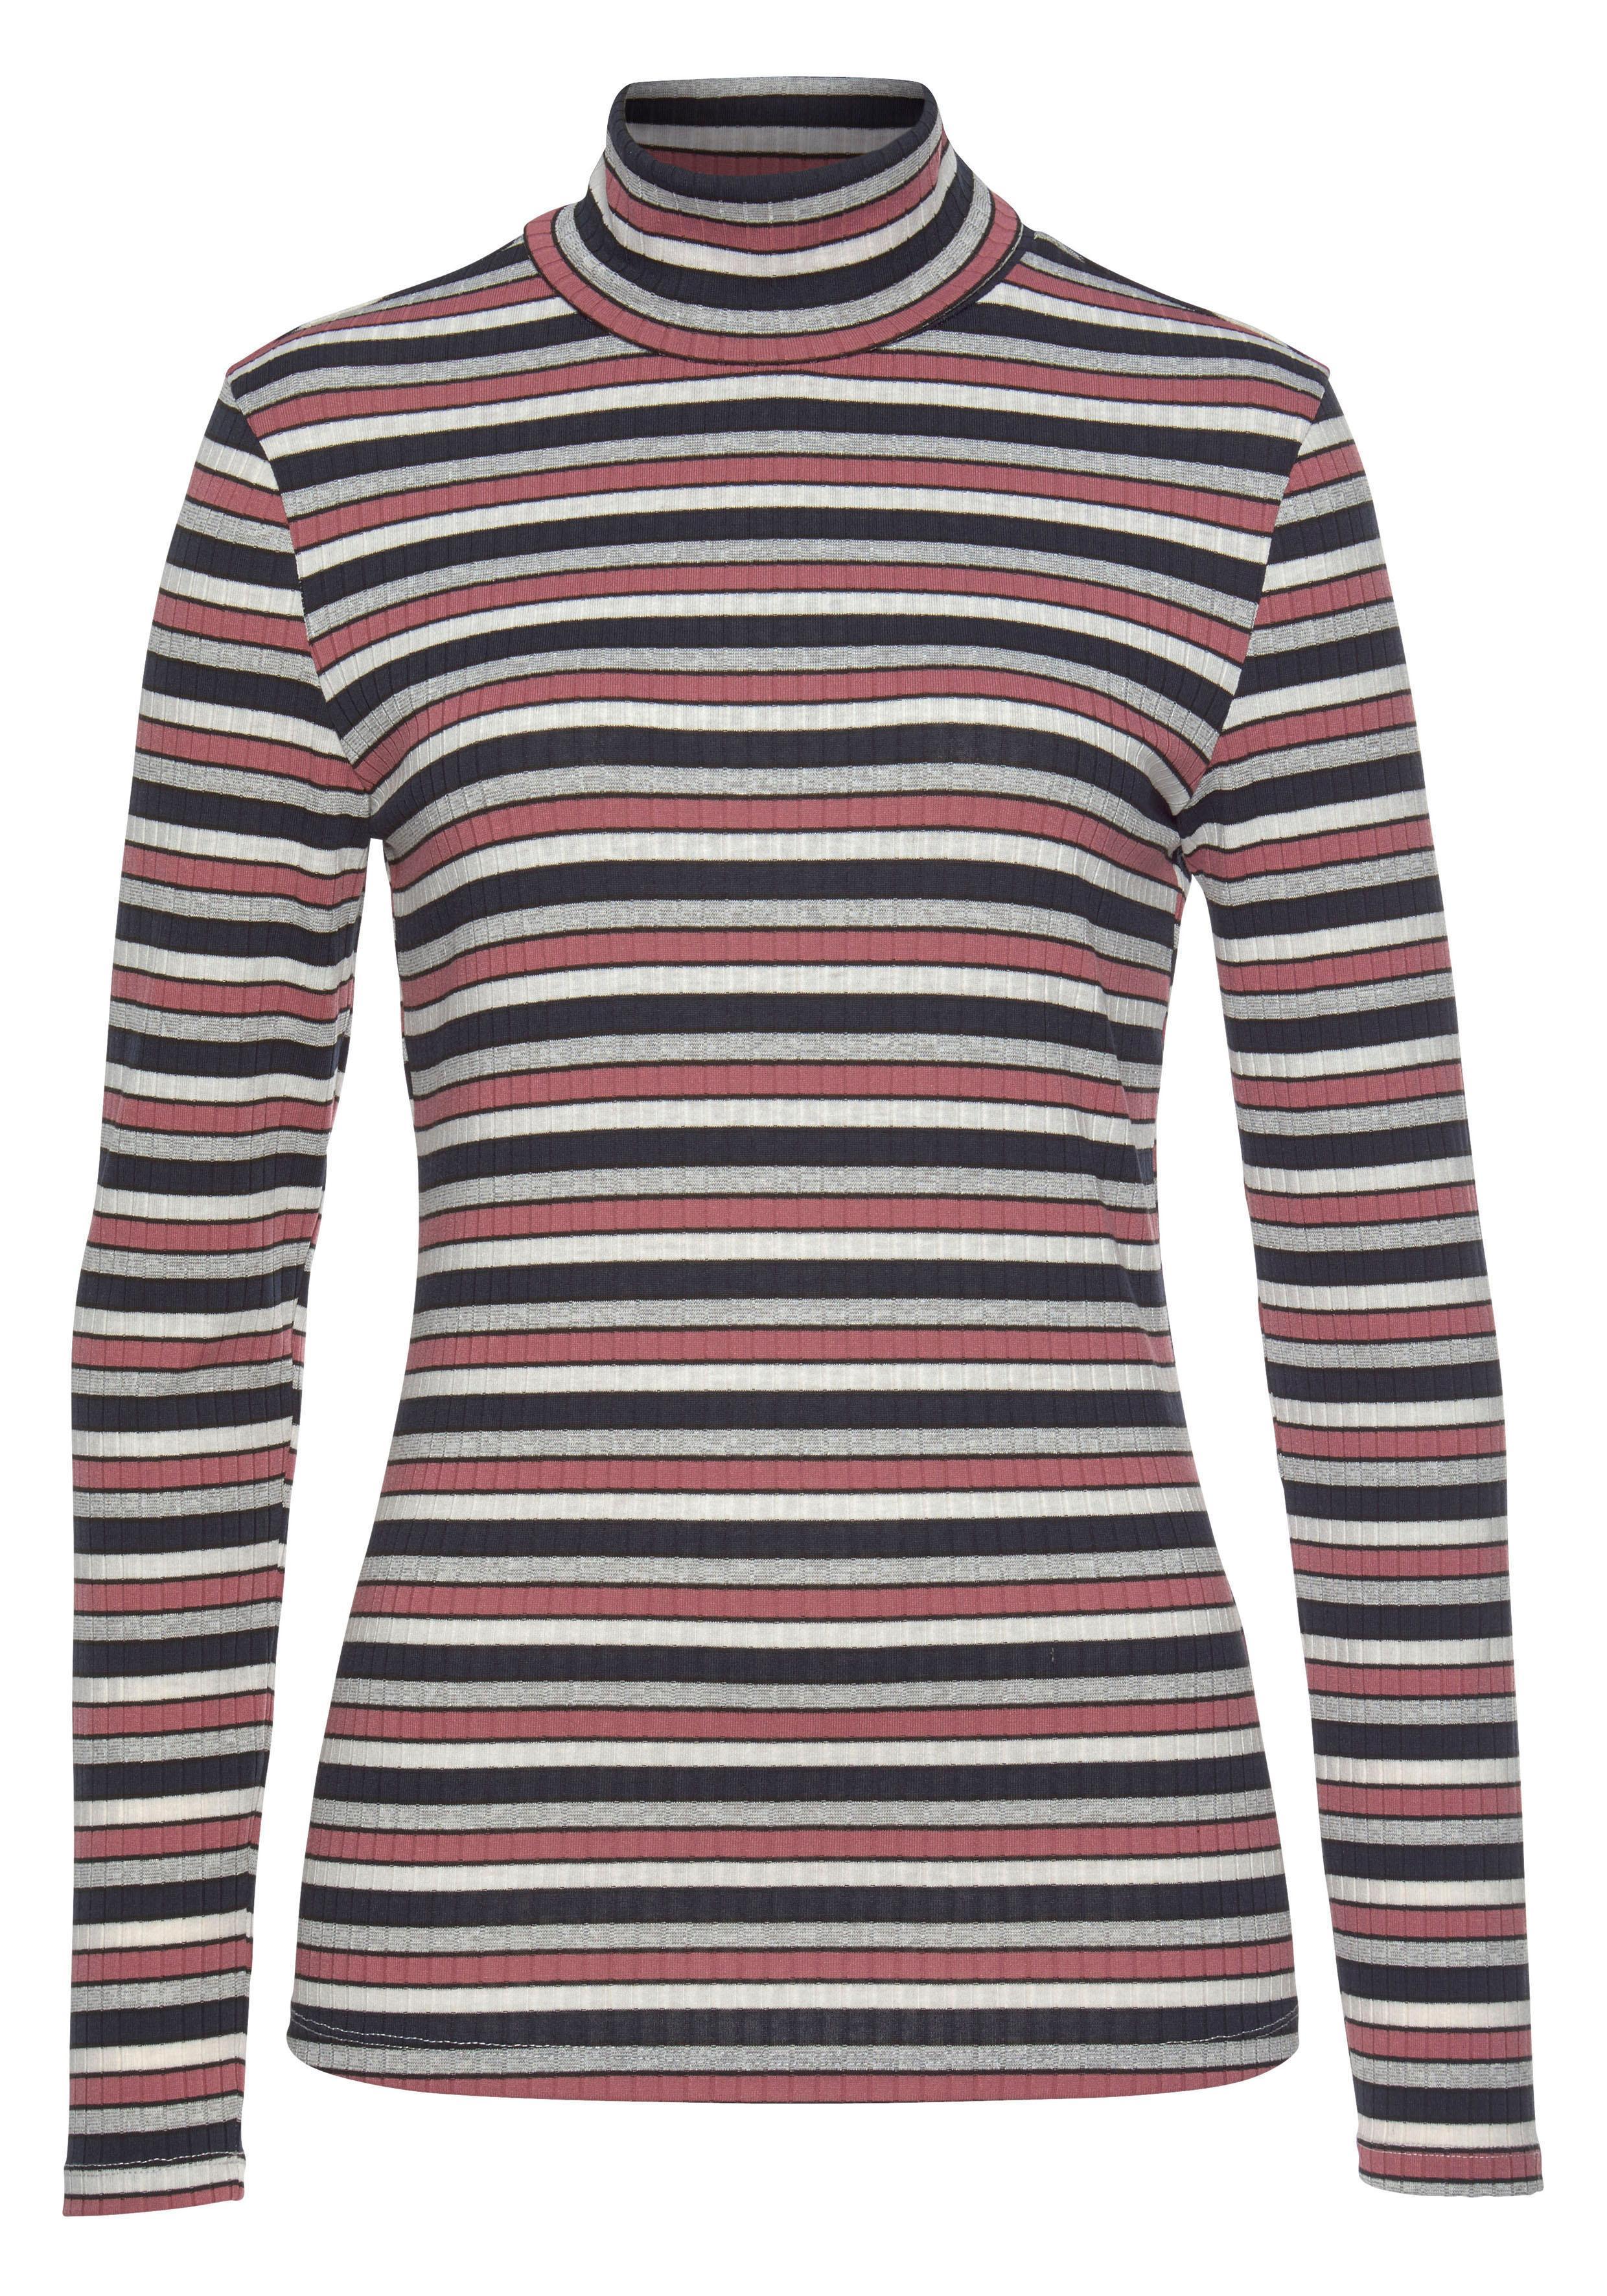 JACQUELINE de YONG Rollkragenshirt STARRY | Bekleidung > Shirts > Rollkragenshirts | Grau | Jacqueline De Yong